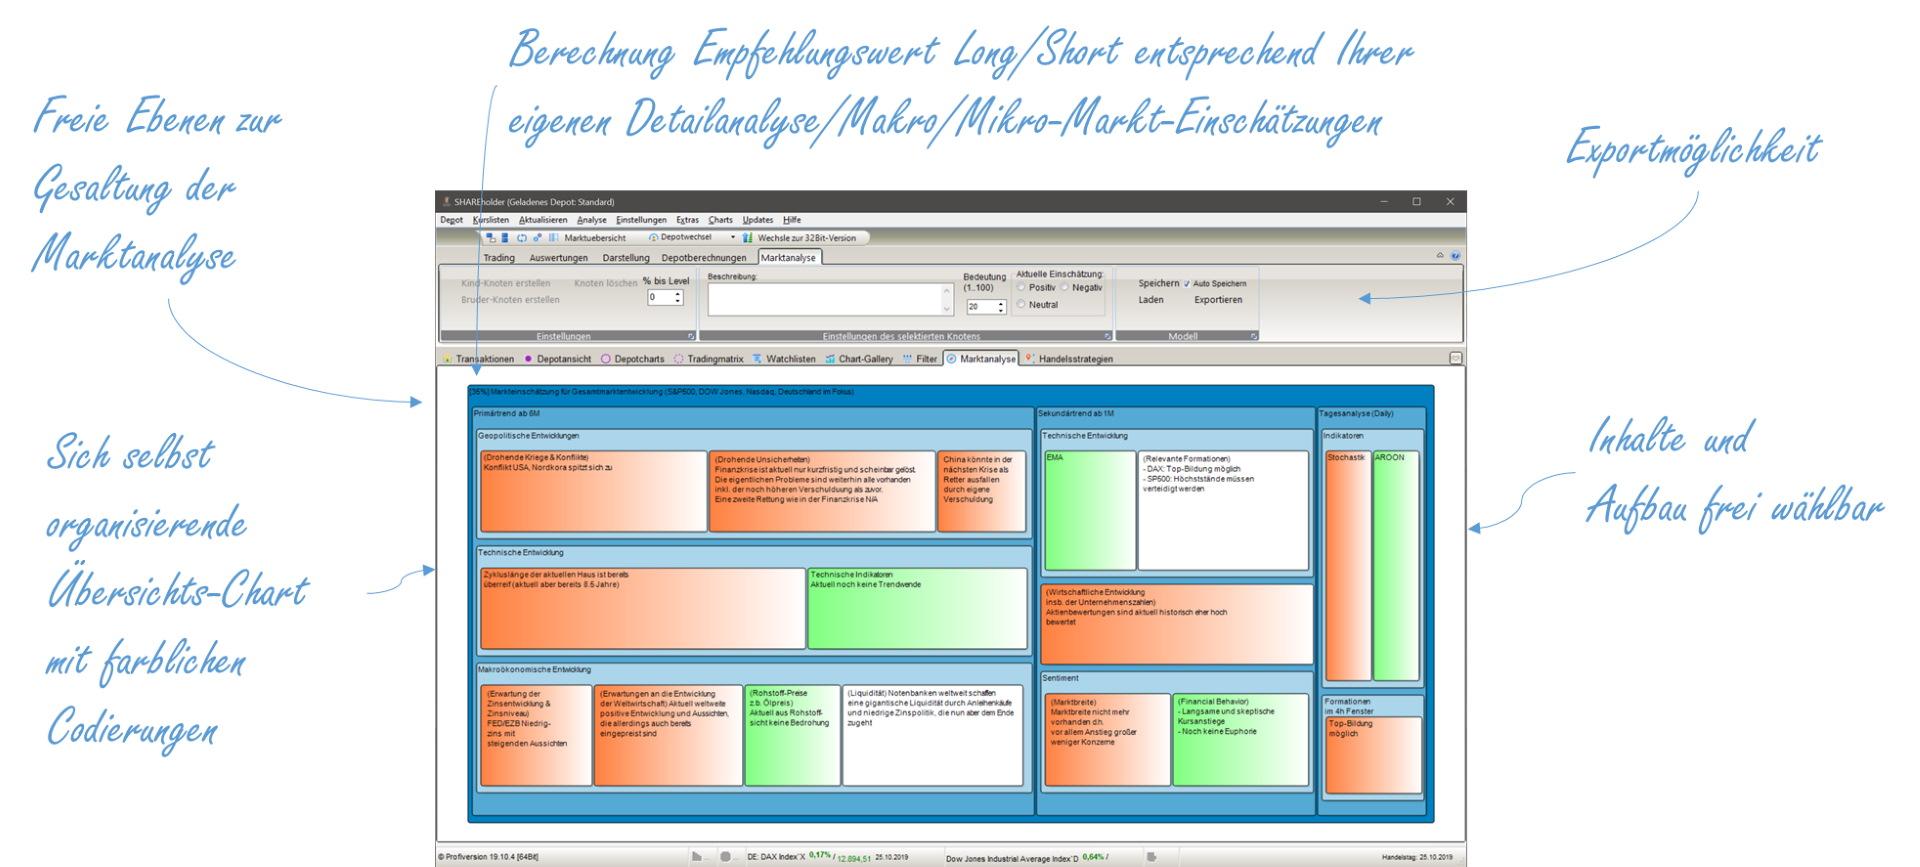 Shareholder Börsensoftware Marktbetrachtungen mit einem Analysewerkzeug zur Erfassung der globalen Marktsituation und dessen mögliche Gewichtungen